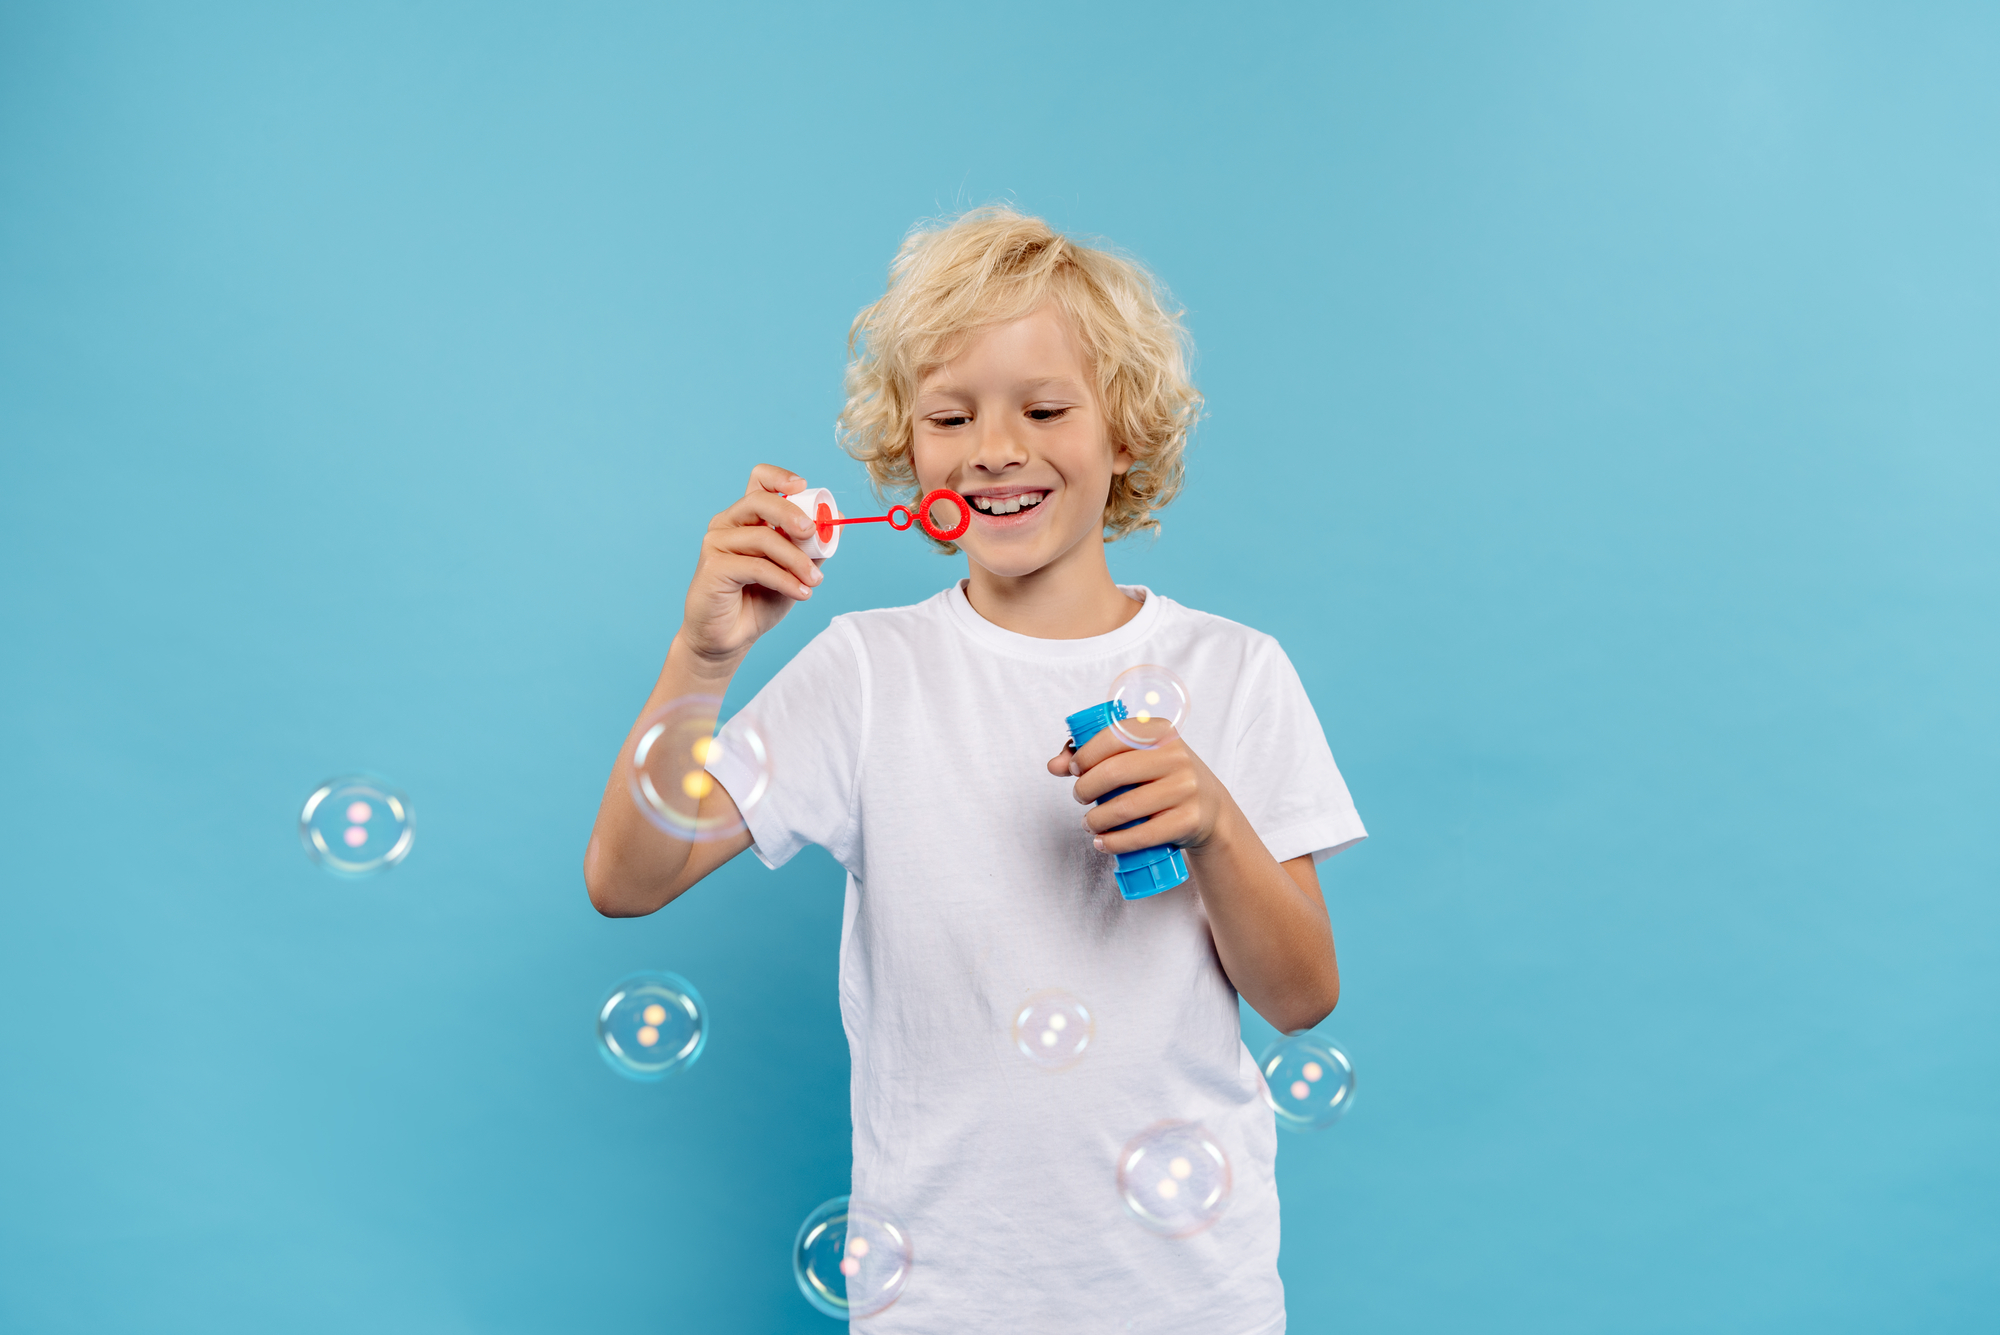 Kindereinfach_Onlinekurs_glücklicher_Junge